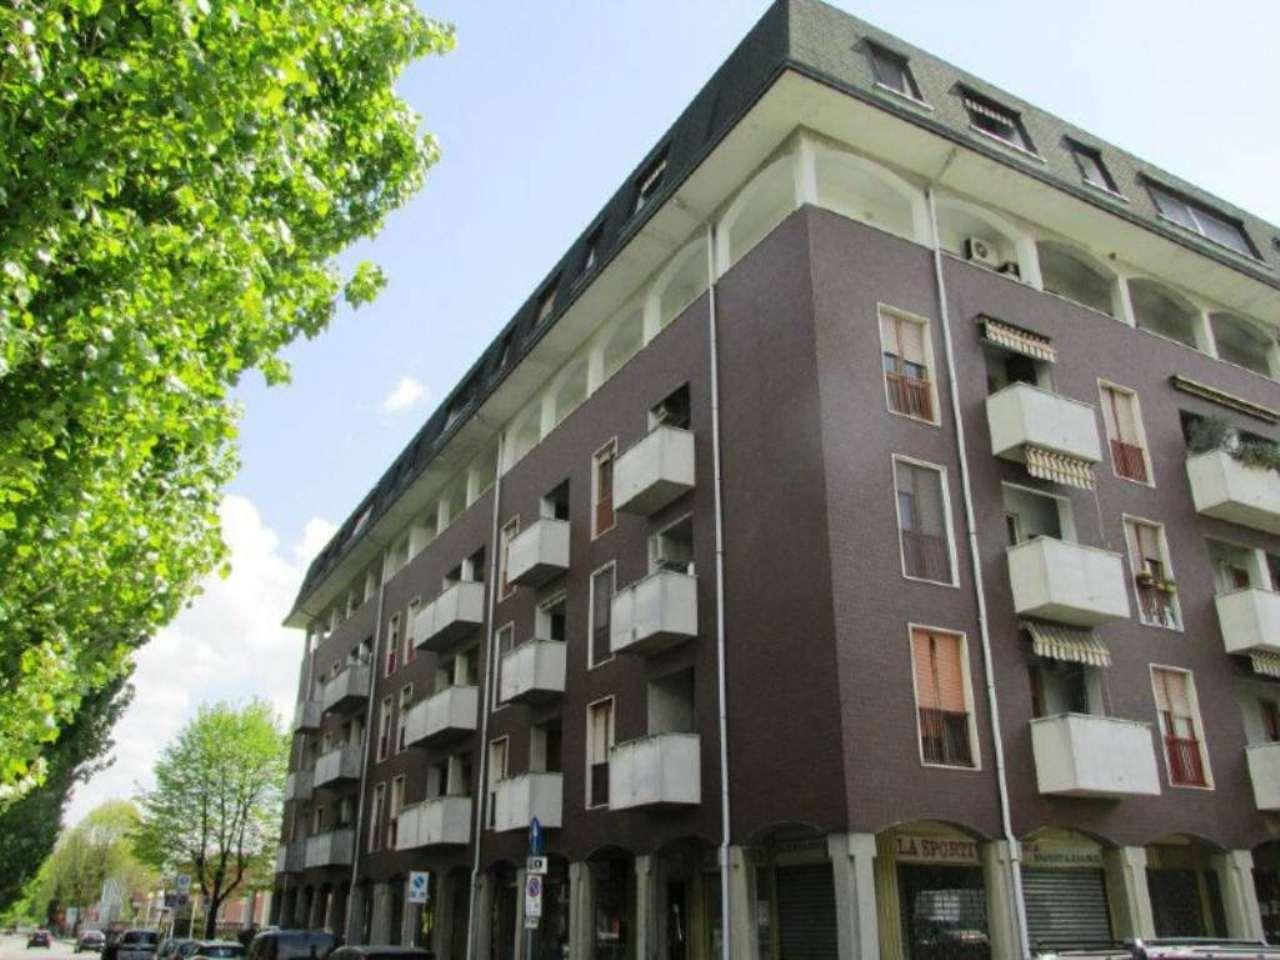 Appartamento in Vendita a Melzo: 3 locali, 100 mq